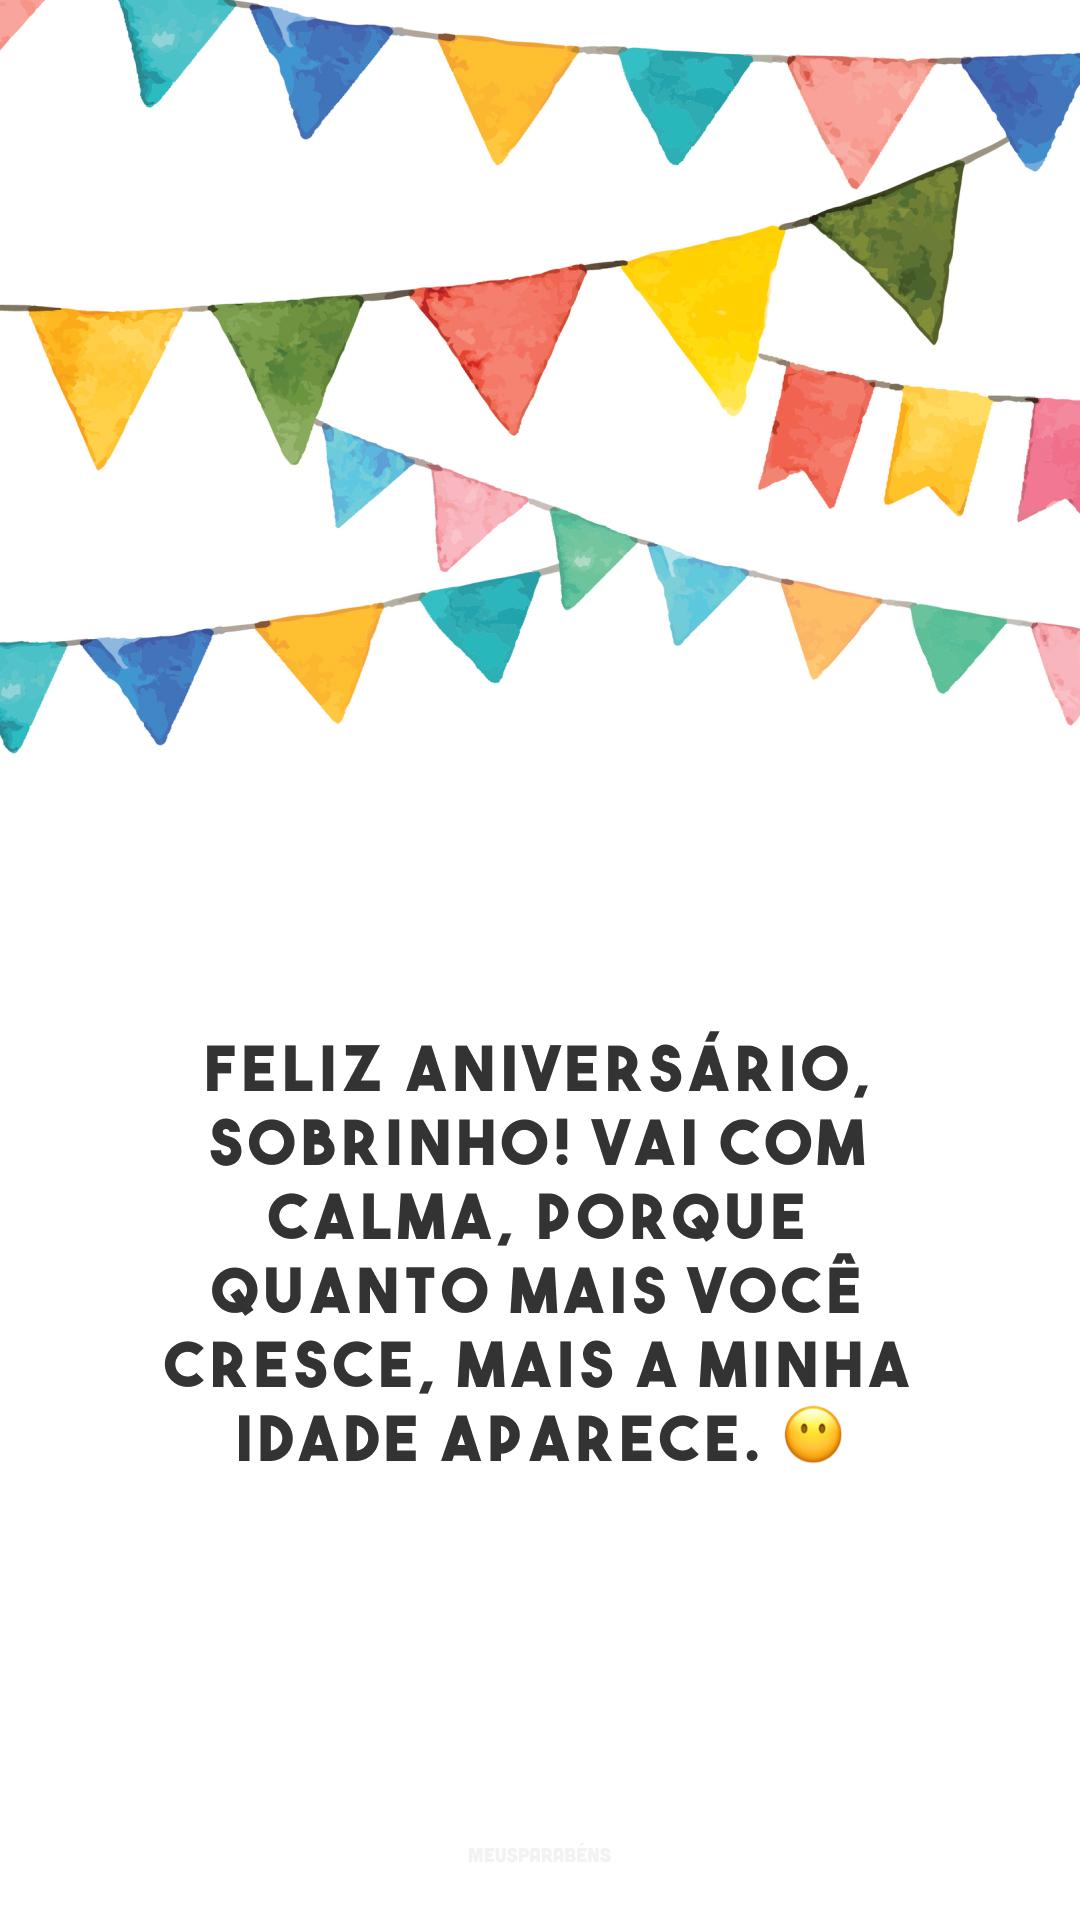 Feliz aniversário, sobrinho! Vai com calma, porque quanto mais você cresce, mais a minha idade aparece. 😶